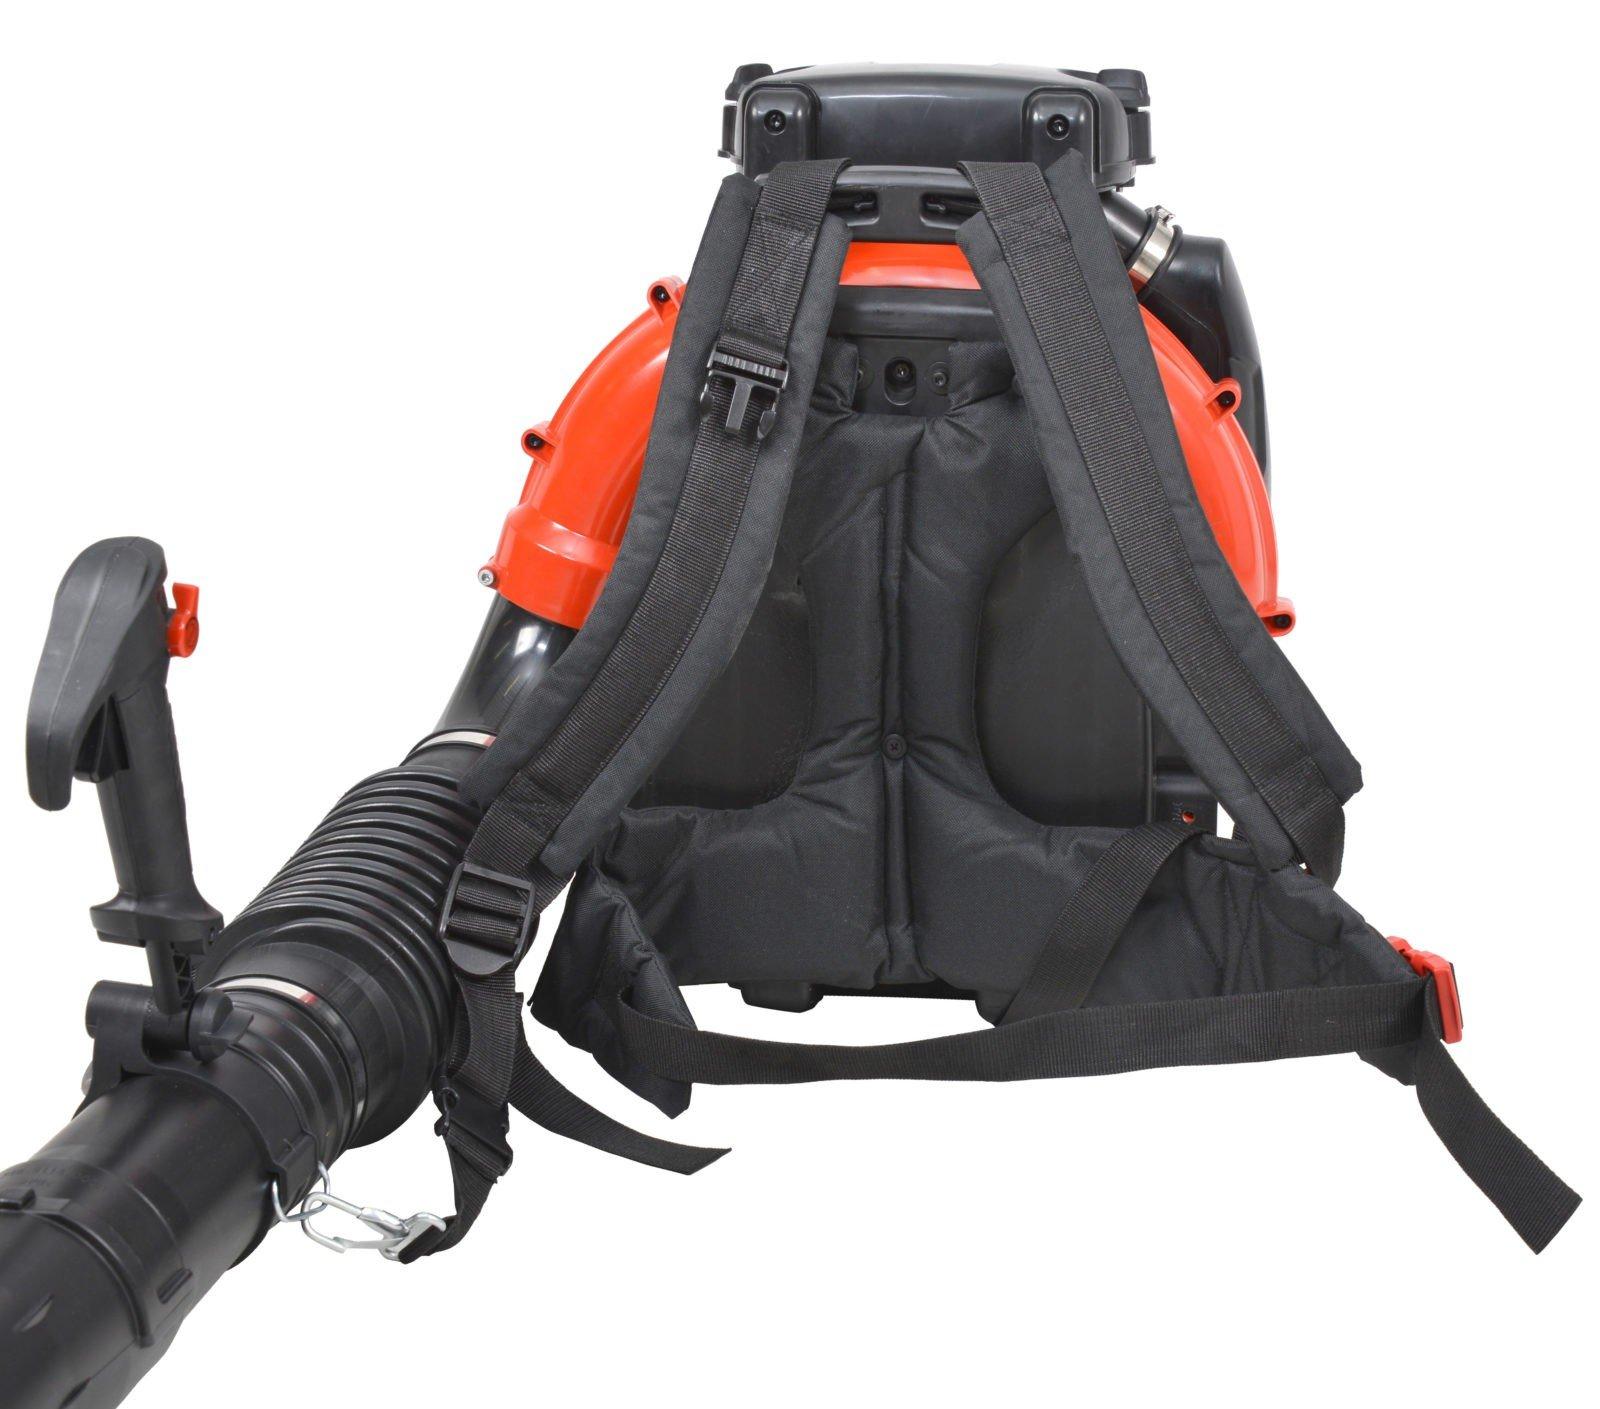 Soprador gasolina de costas 75.6cc HCT B979 PROFISSIONAL